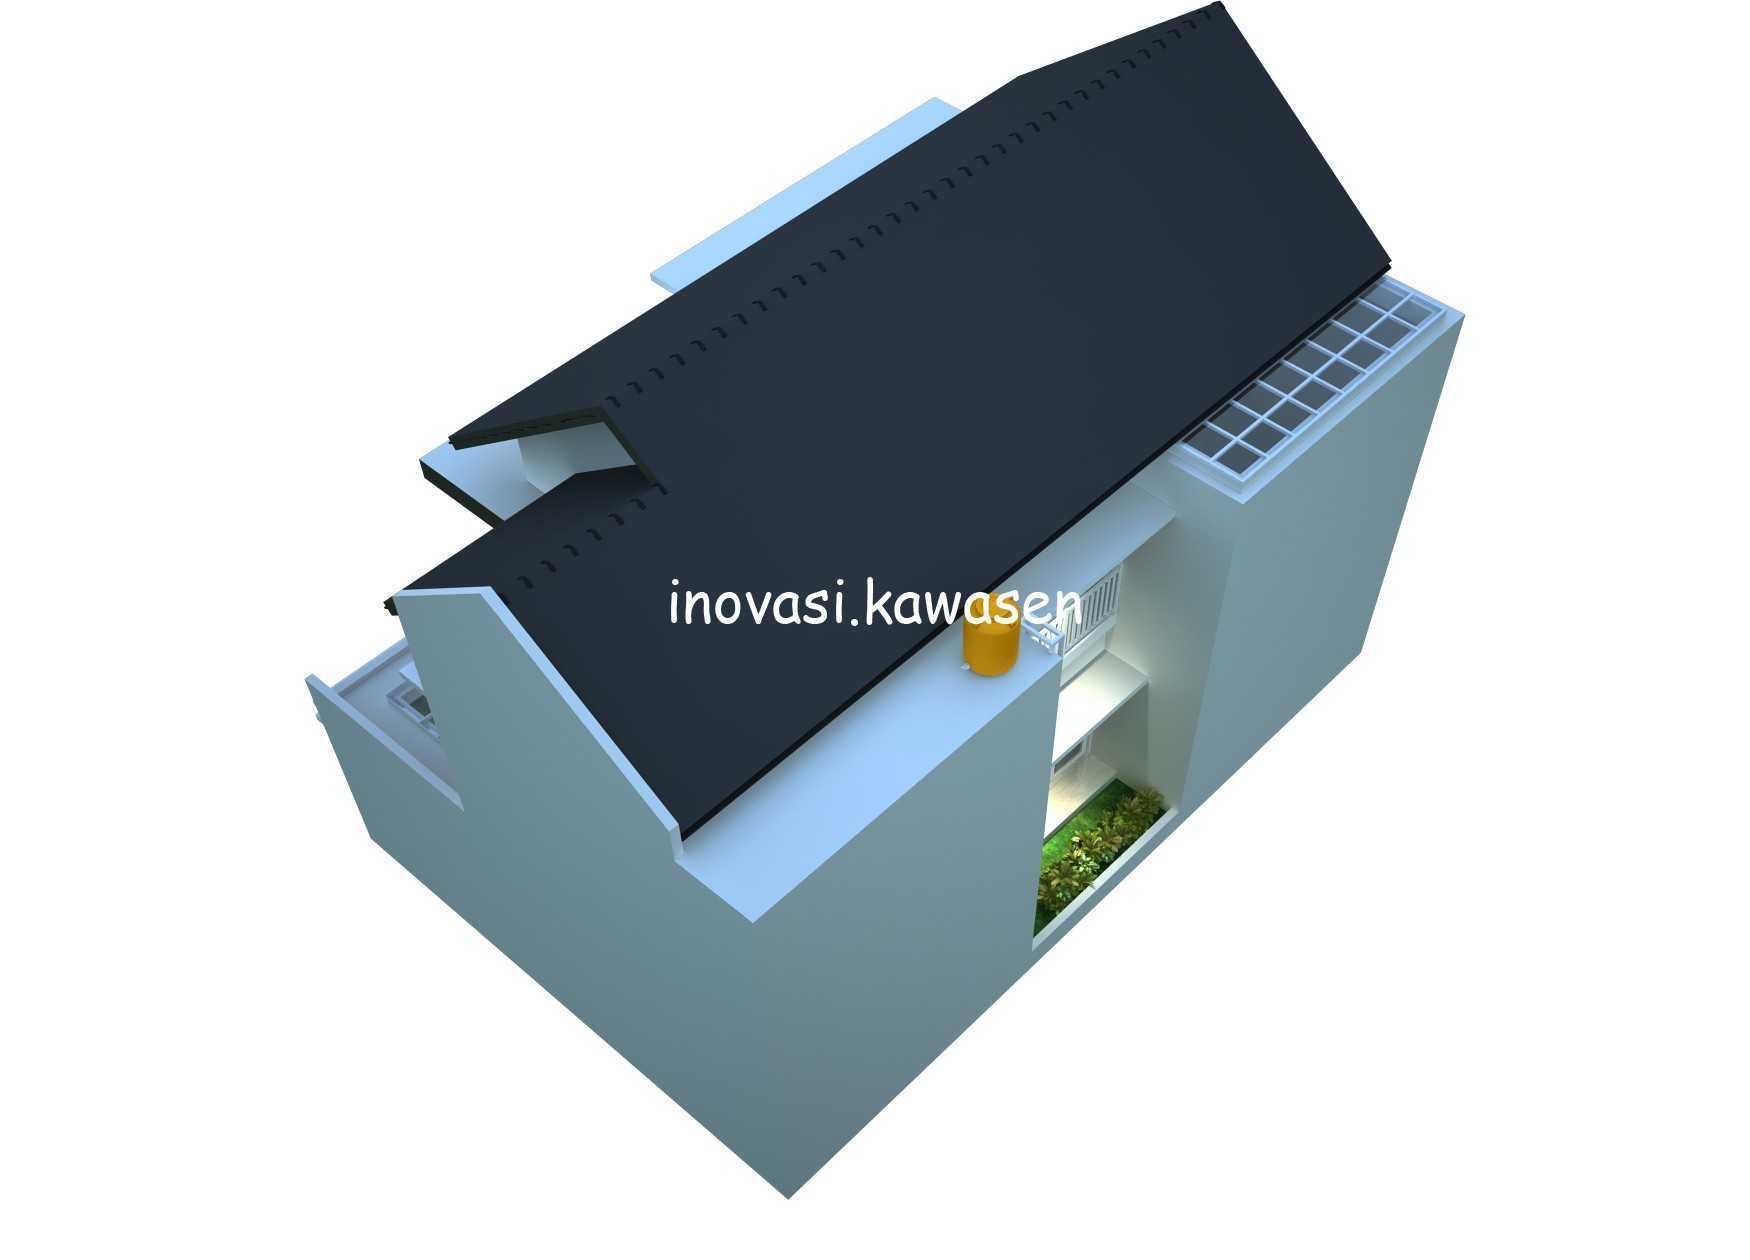 Inovasi Kawasen Rumah Tinggal Bpk.  Dimas Kota Bogor, Jawa Barat, Indonesia Kota Bogor, Jawa Barat, Indonesia Inovasi-Kawasen-Rumah-Tinggal-Bpk-Dimas  89828